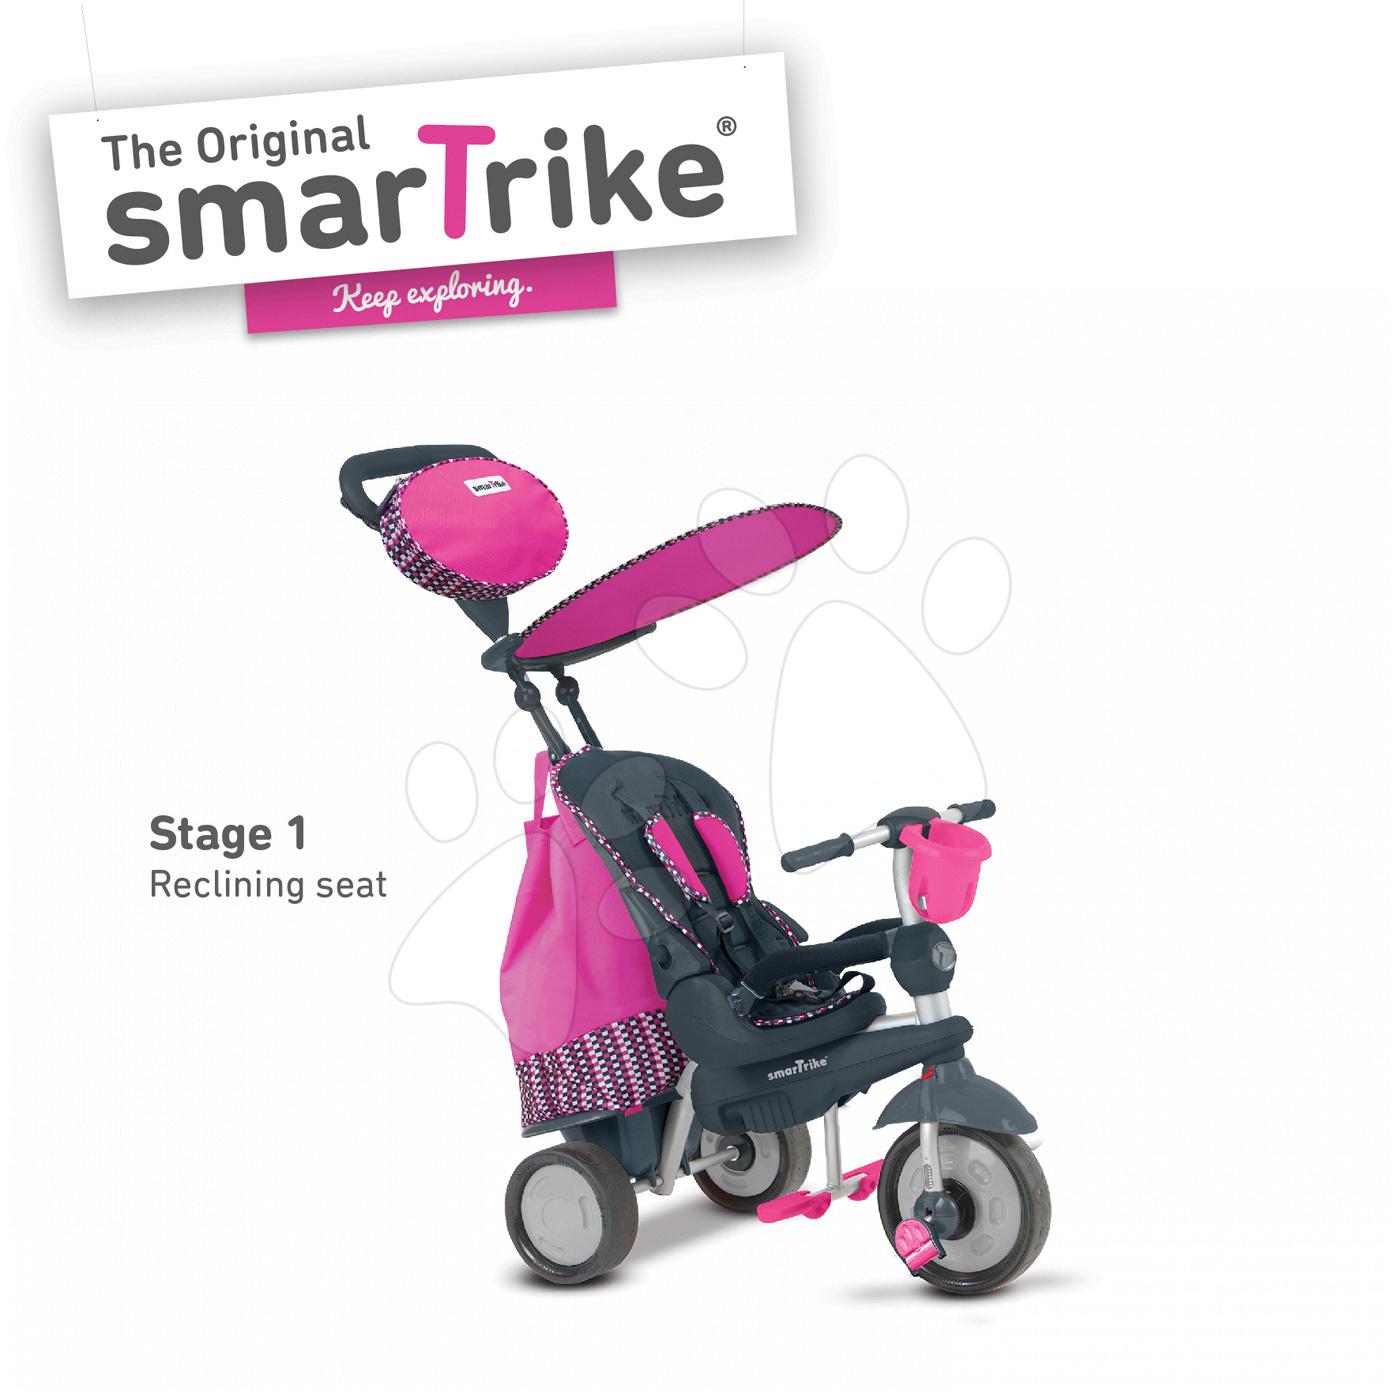 Trojkolky od 10 mesiacov - Trojkolka Splash 5v1 Pink smarTrike 360° riadenie s polohovateľnou opierkou ružovo-šedá od 10 mes